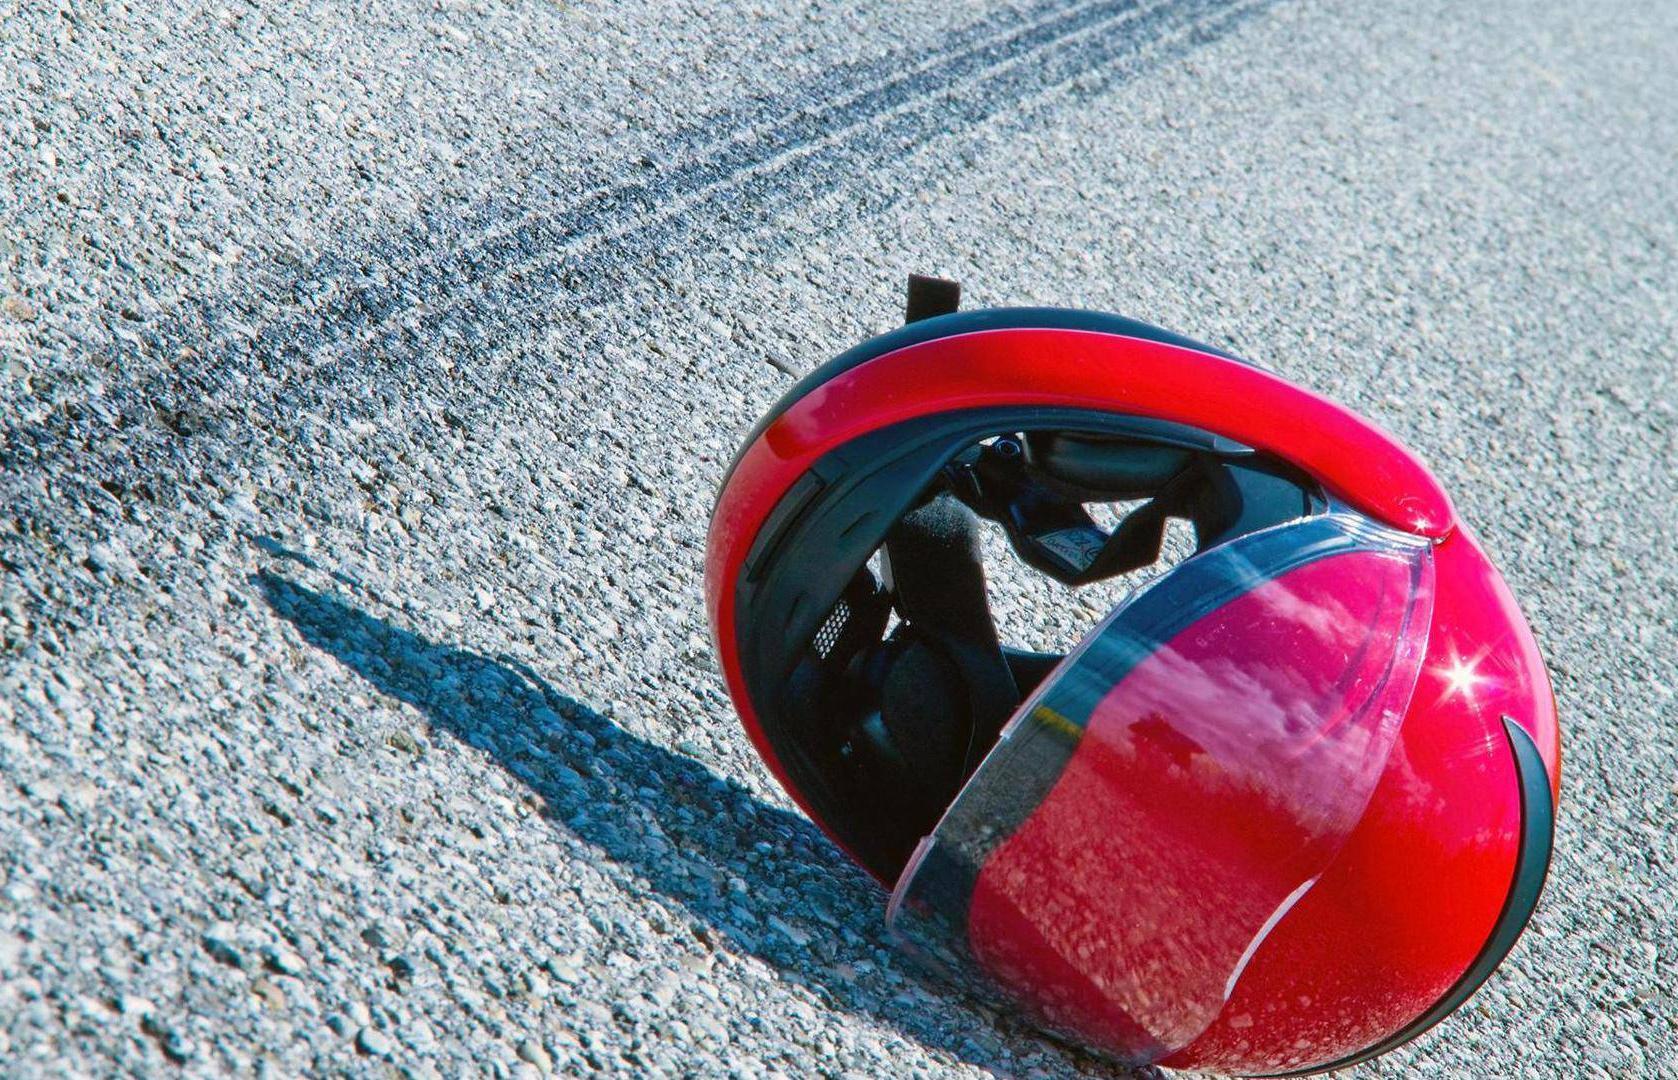 В Тверской области двое детей получили травмы после падения с мотоцикла - новости Афанасий